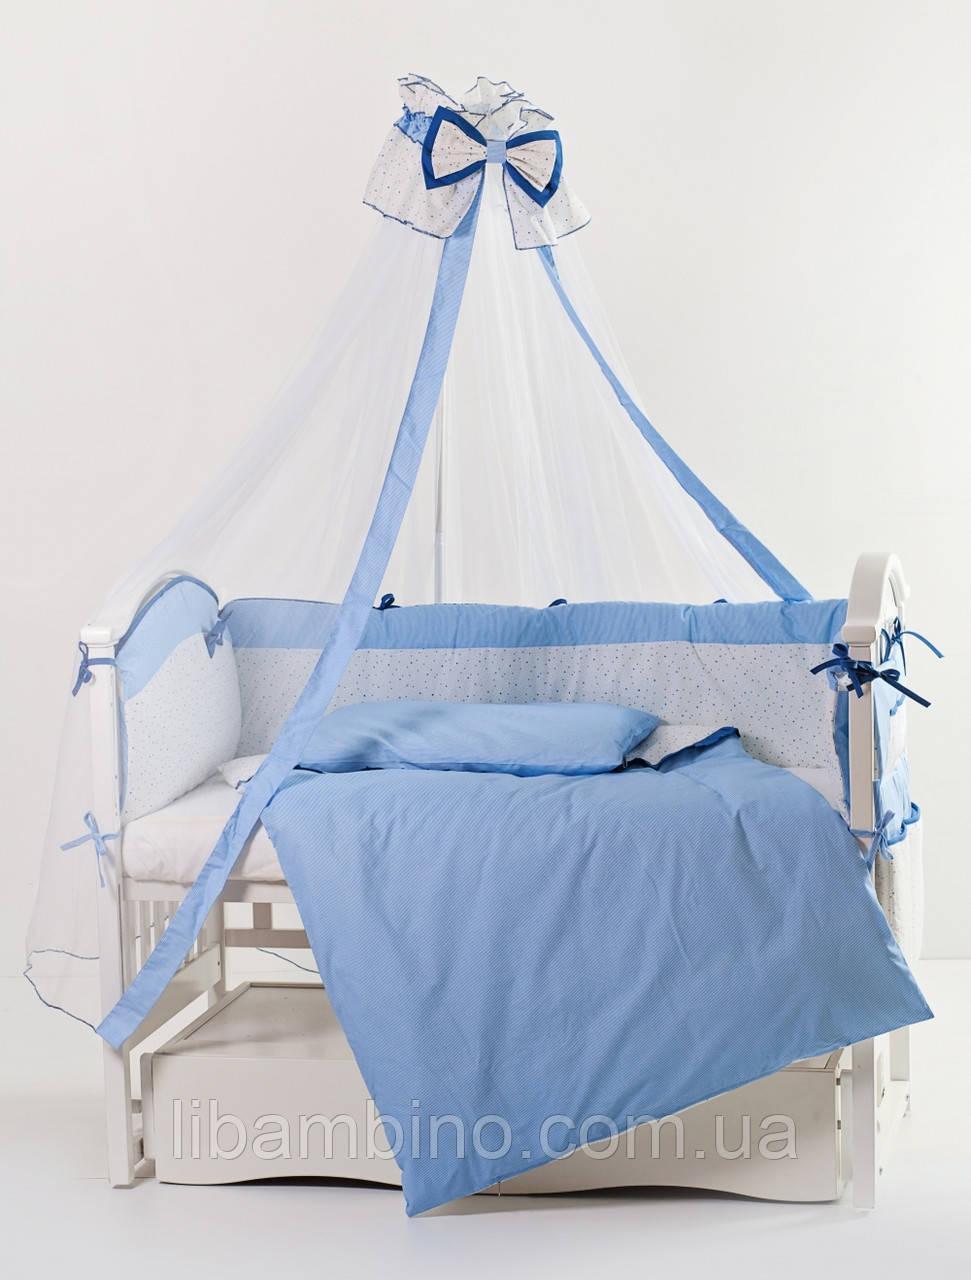 Комплект дитячої постілі Twins Premium Starlet dark blue P-021